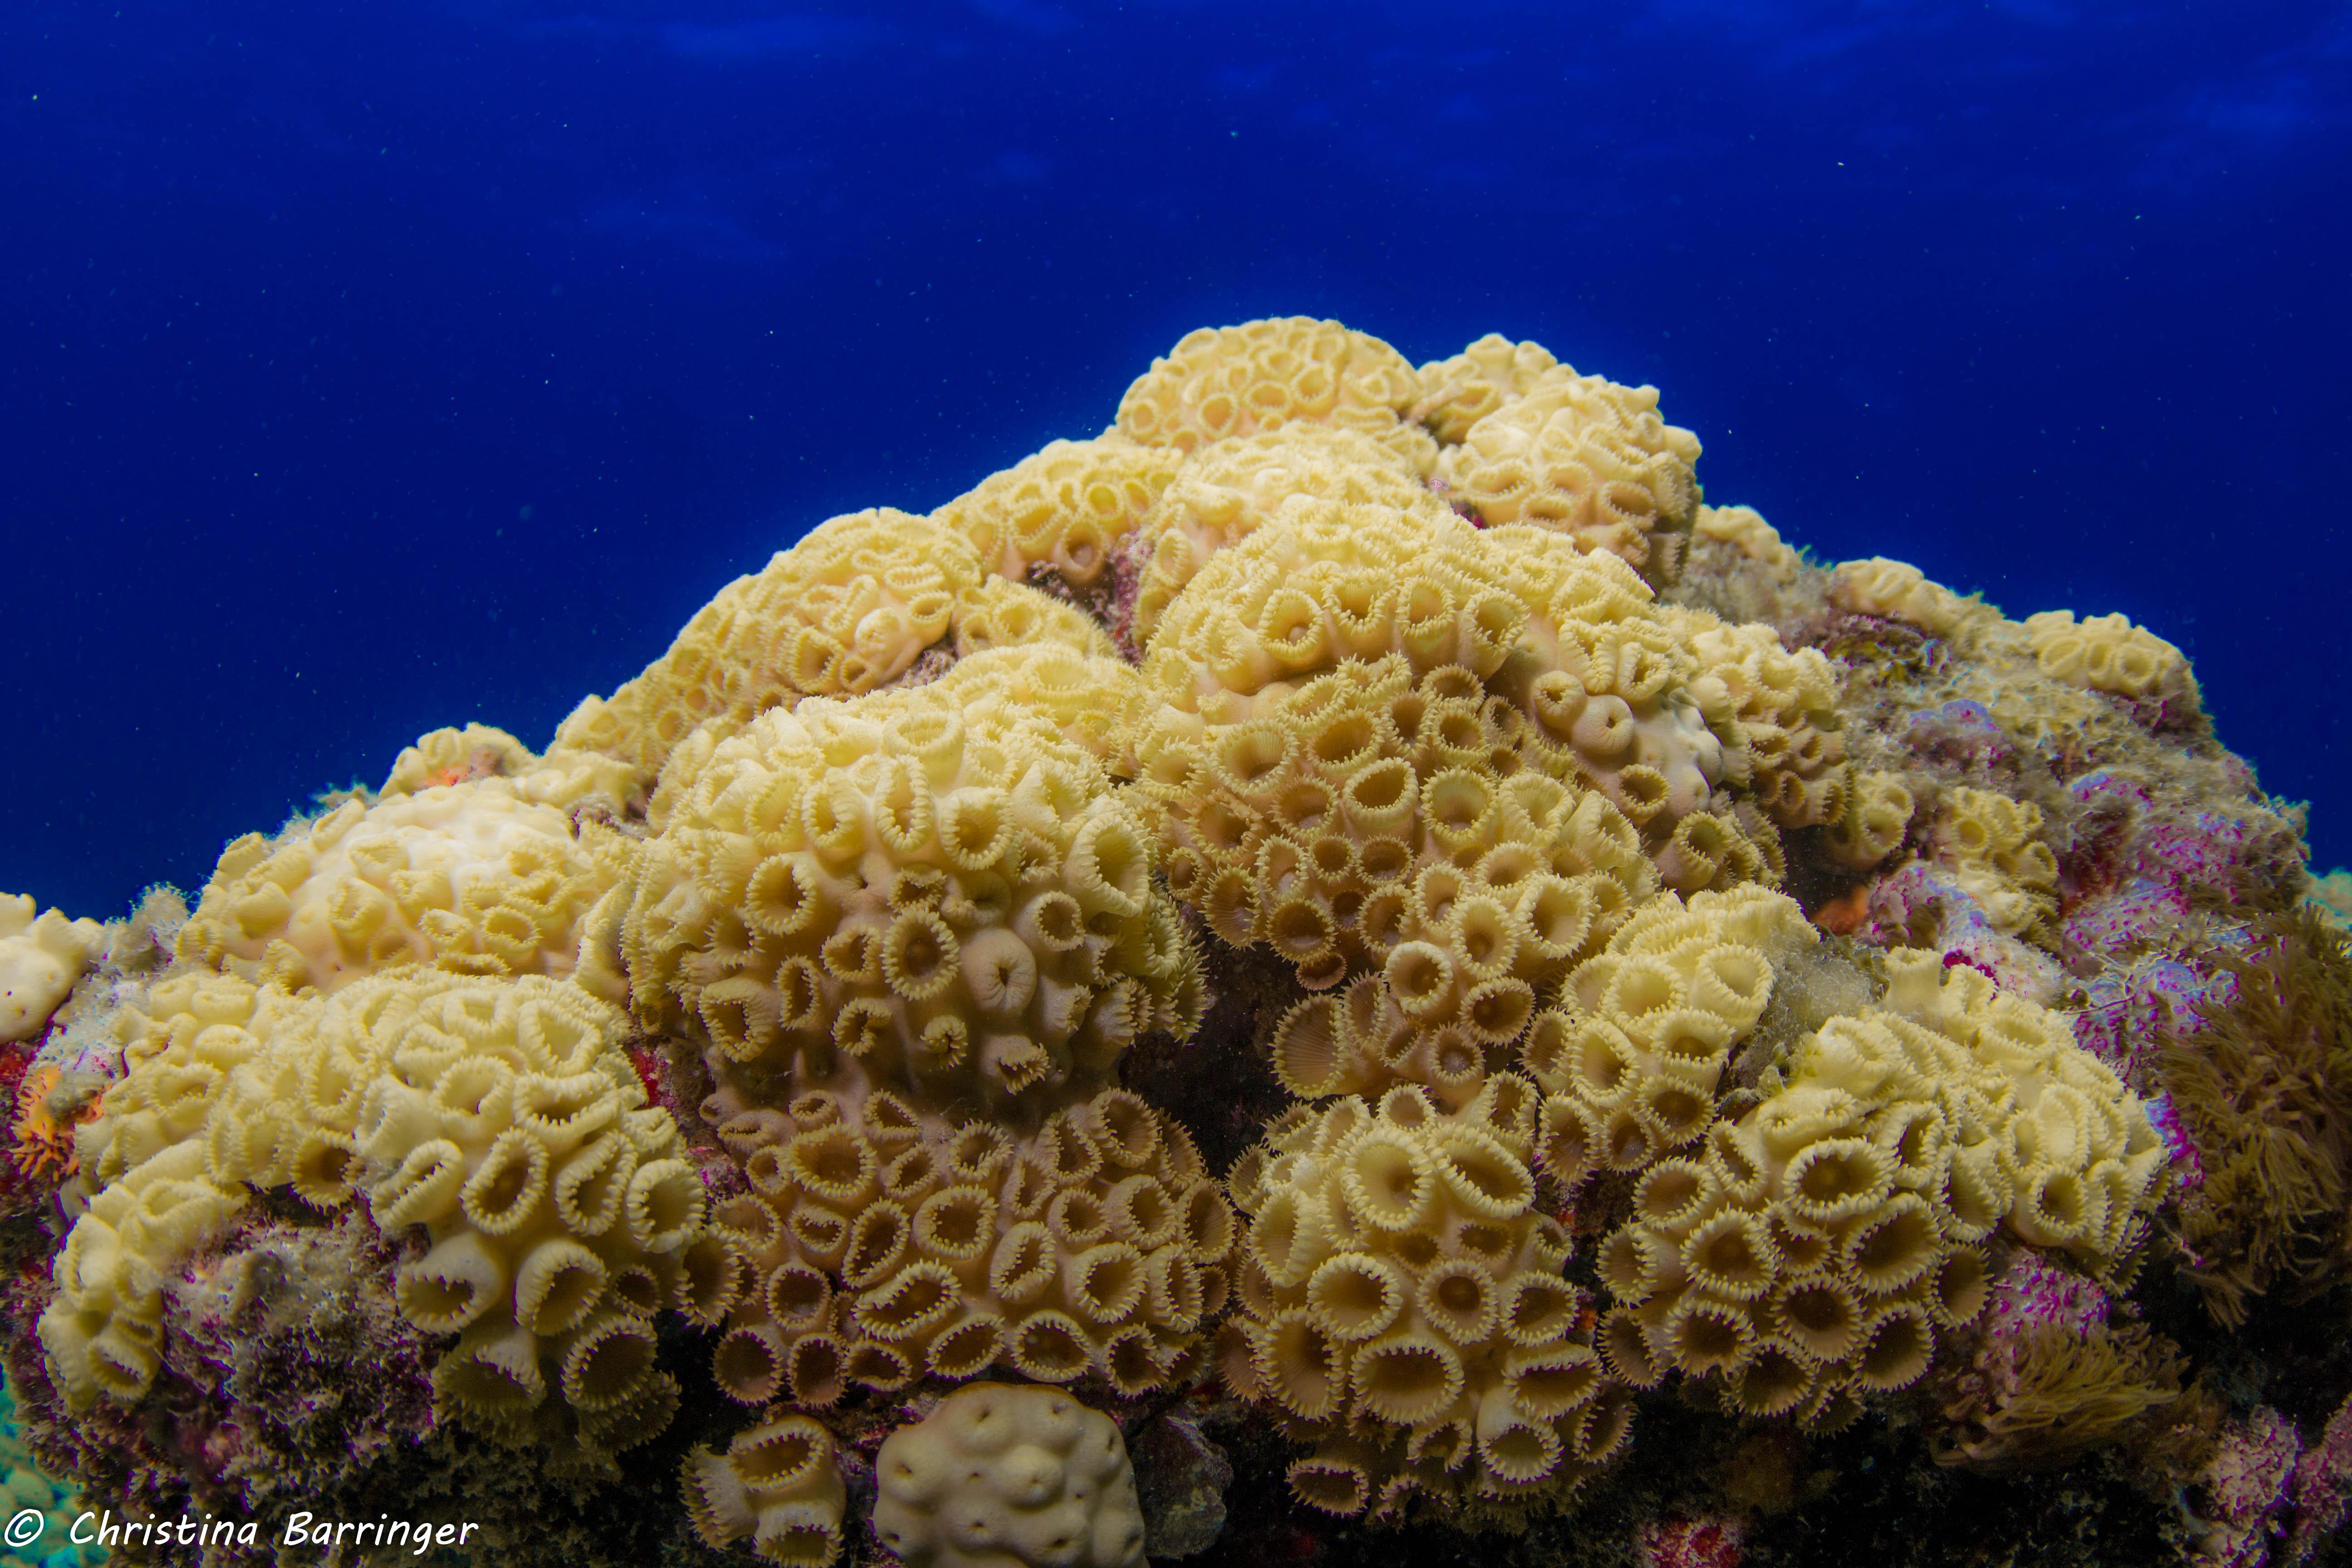 Palythoa Coral